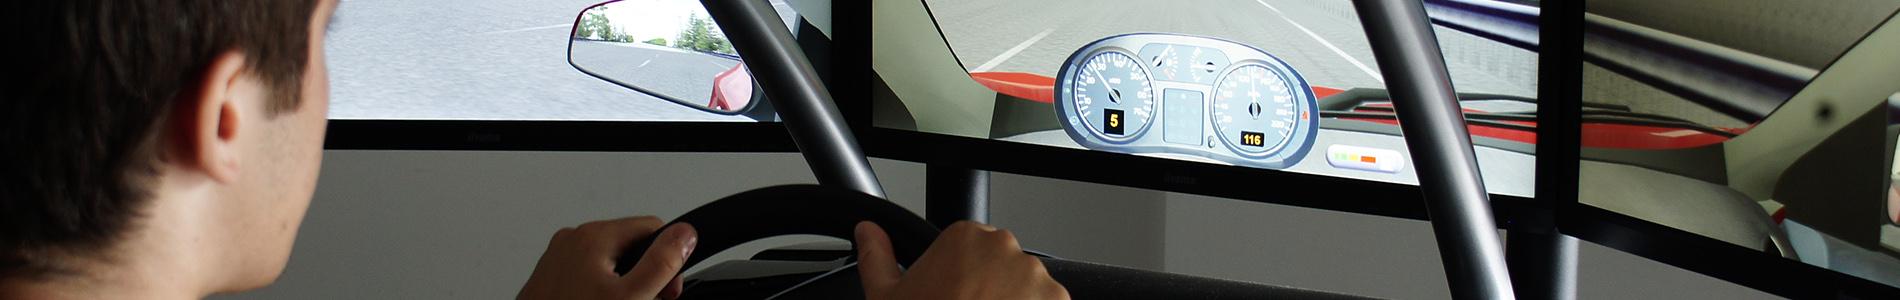 Mendiboure Simulateur 1900x300